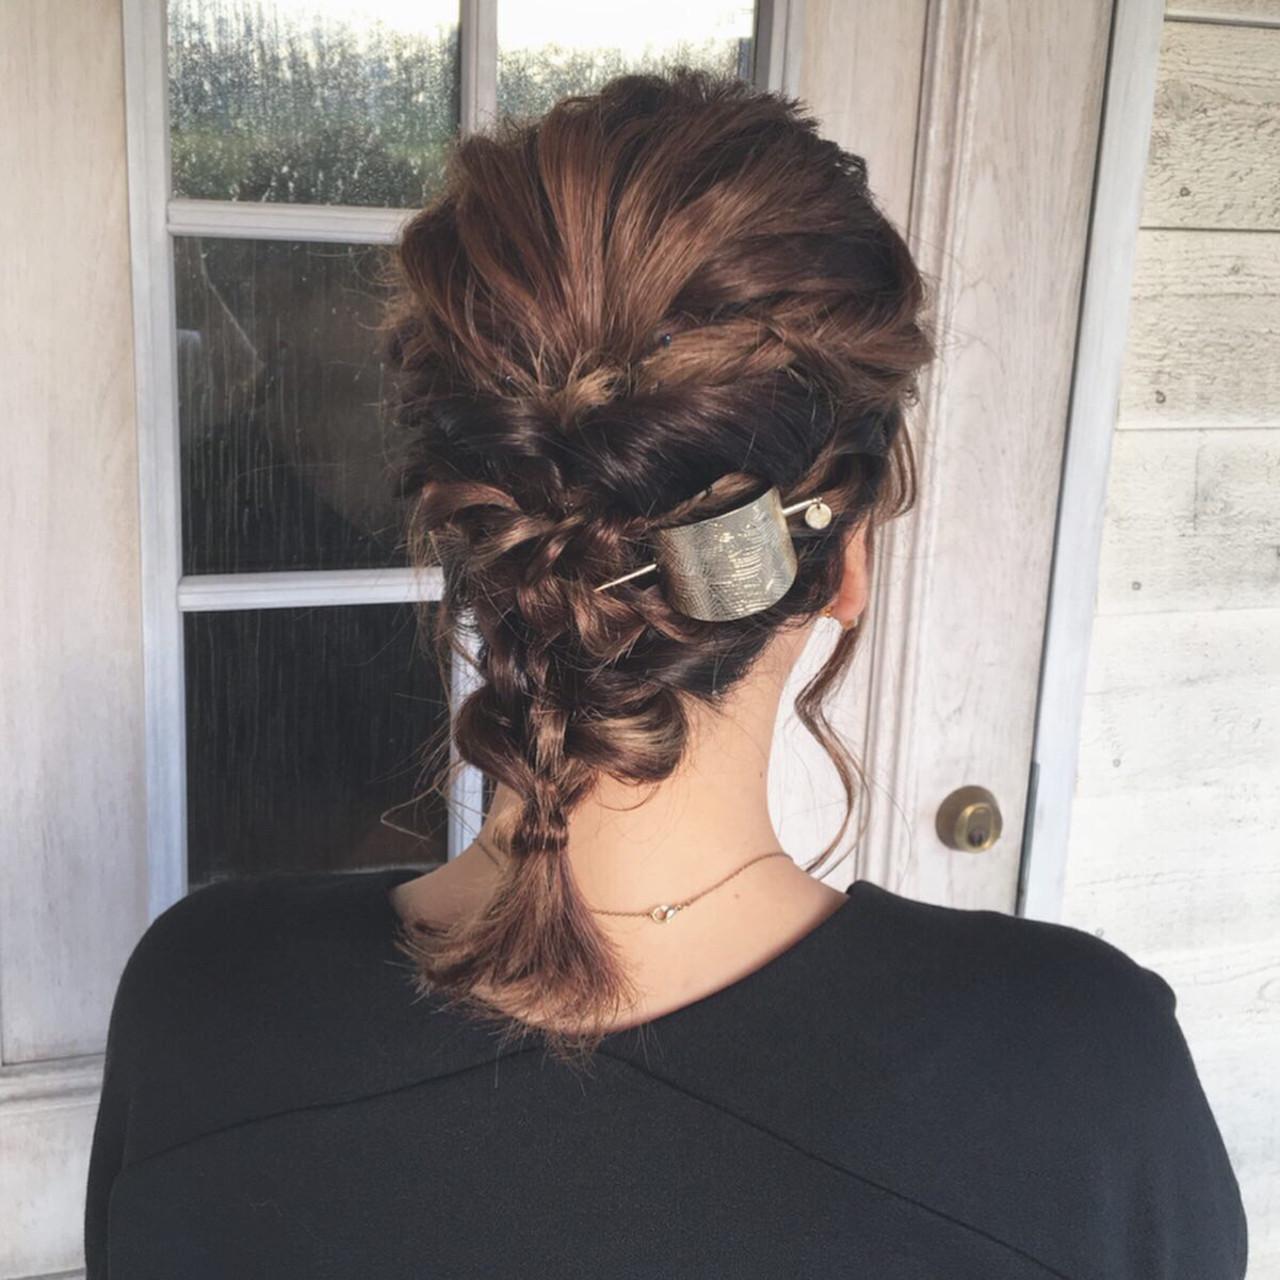 ヘアアレンジ ボブ ローポニー 編みおろし ヘアスタイルや髪型の写真・画像